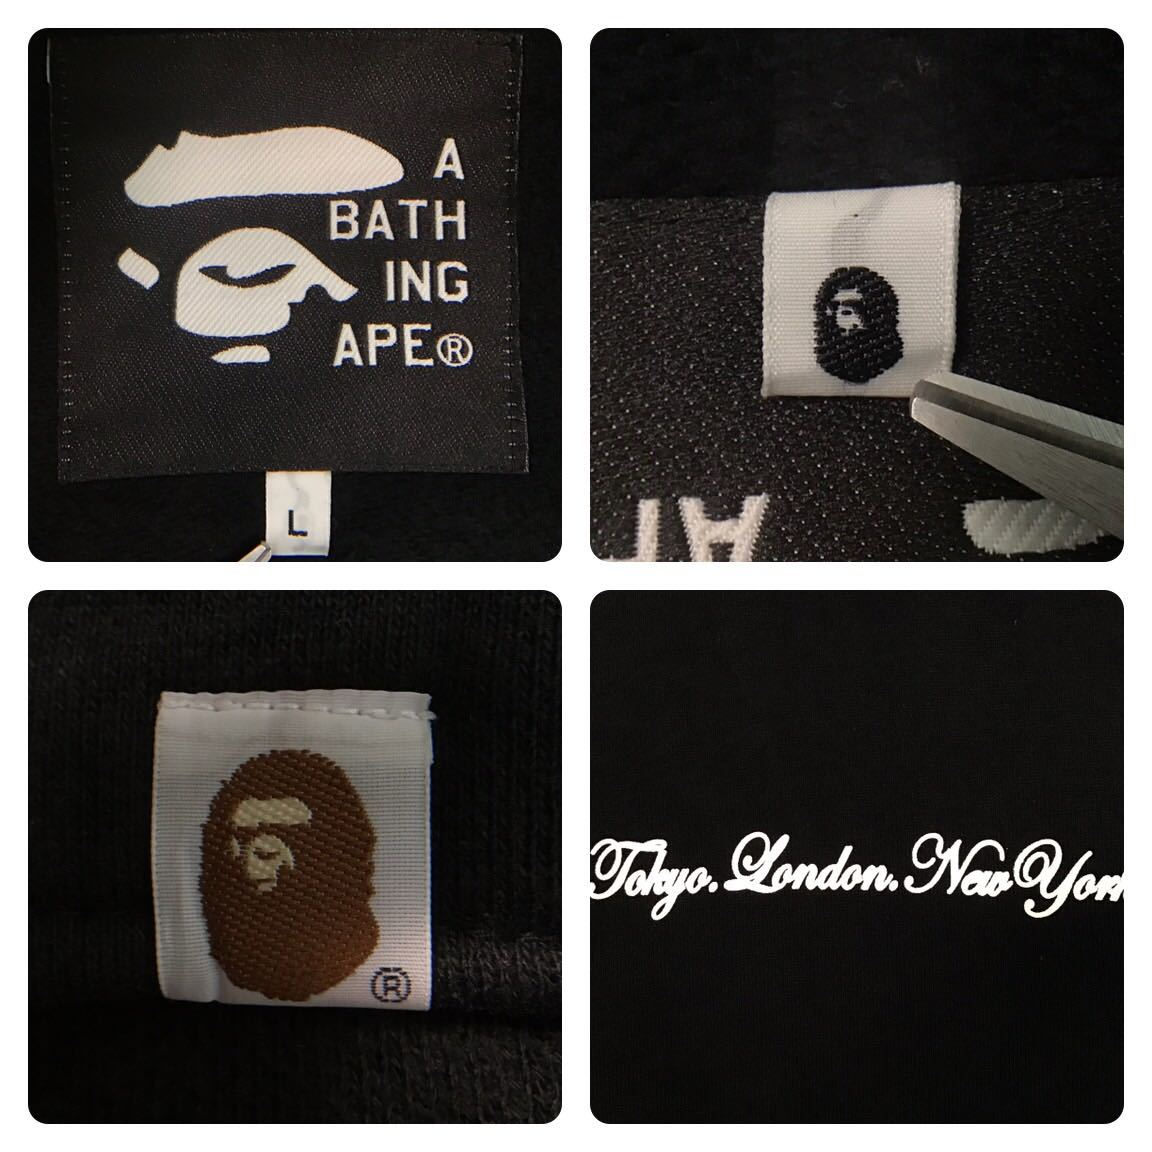 ★激レア★ stash × bape スウェット スタジャン Lサイズ a bathing ape エイプ ベイプ アベイシングエイプ スタッシュ varsity jacket 41